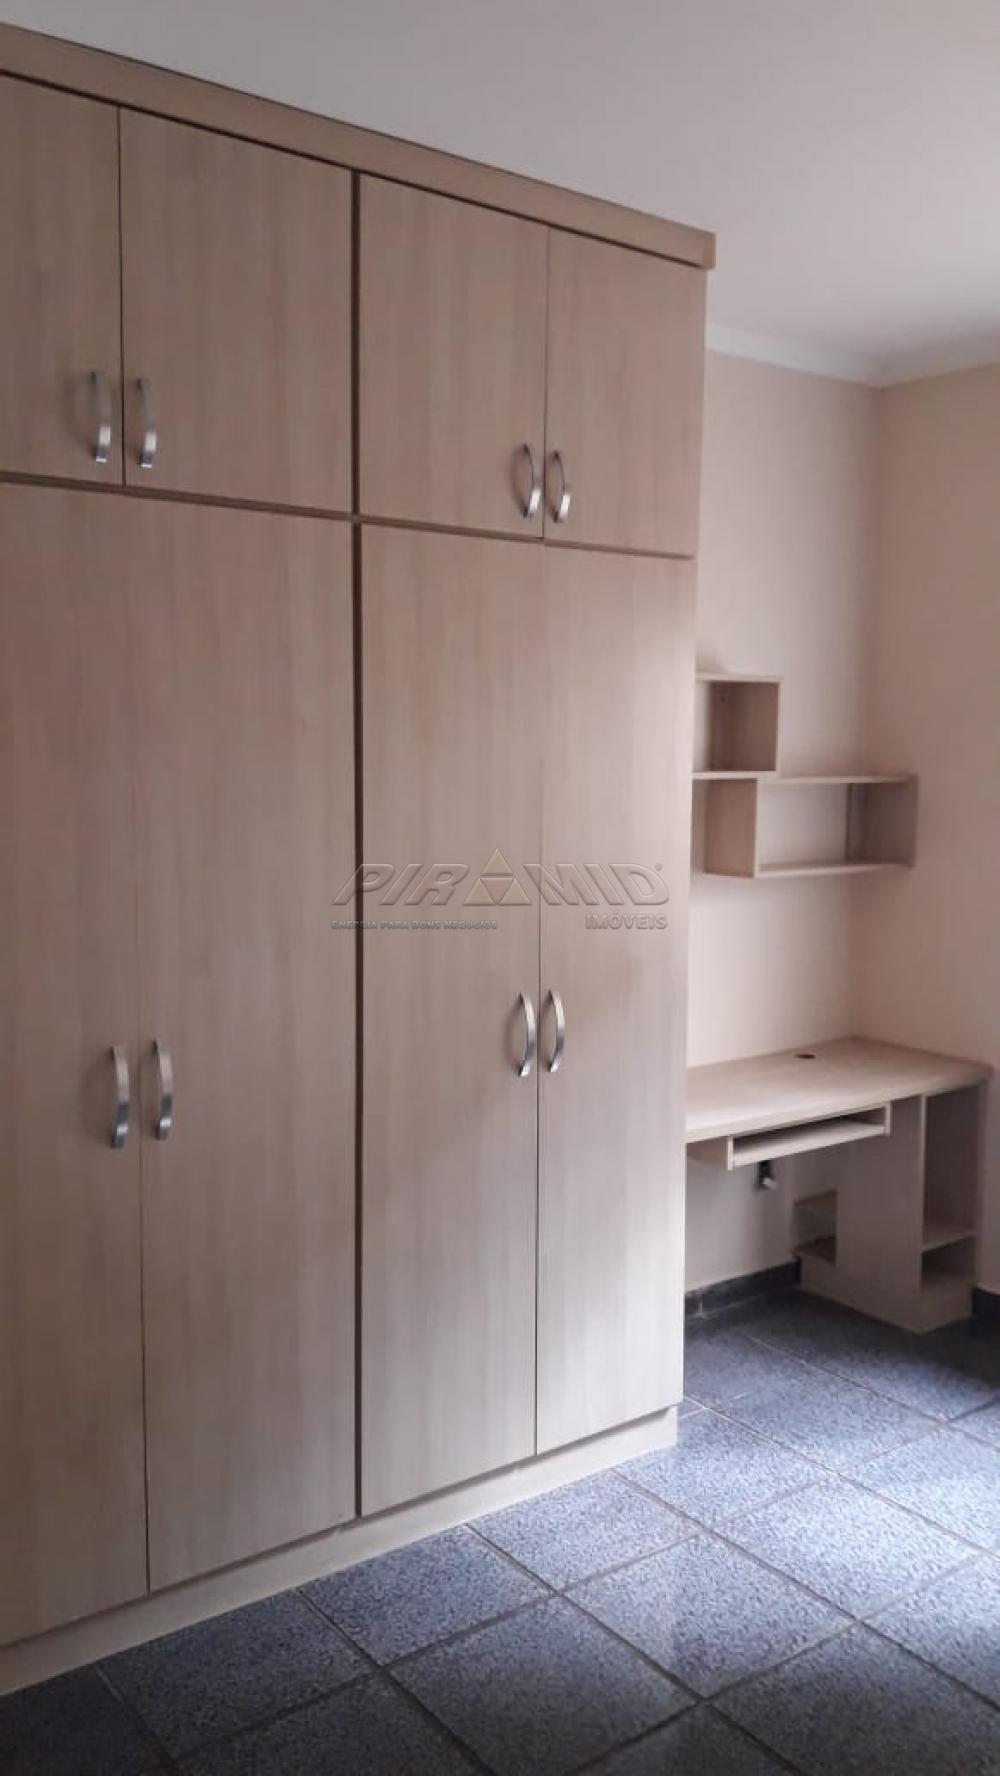 Alugar Casa / Padrão em Ribeirão Preto apenas R$ 1.500,00 - Foto 11